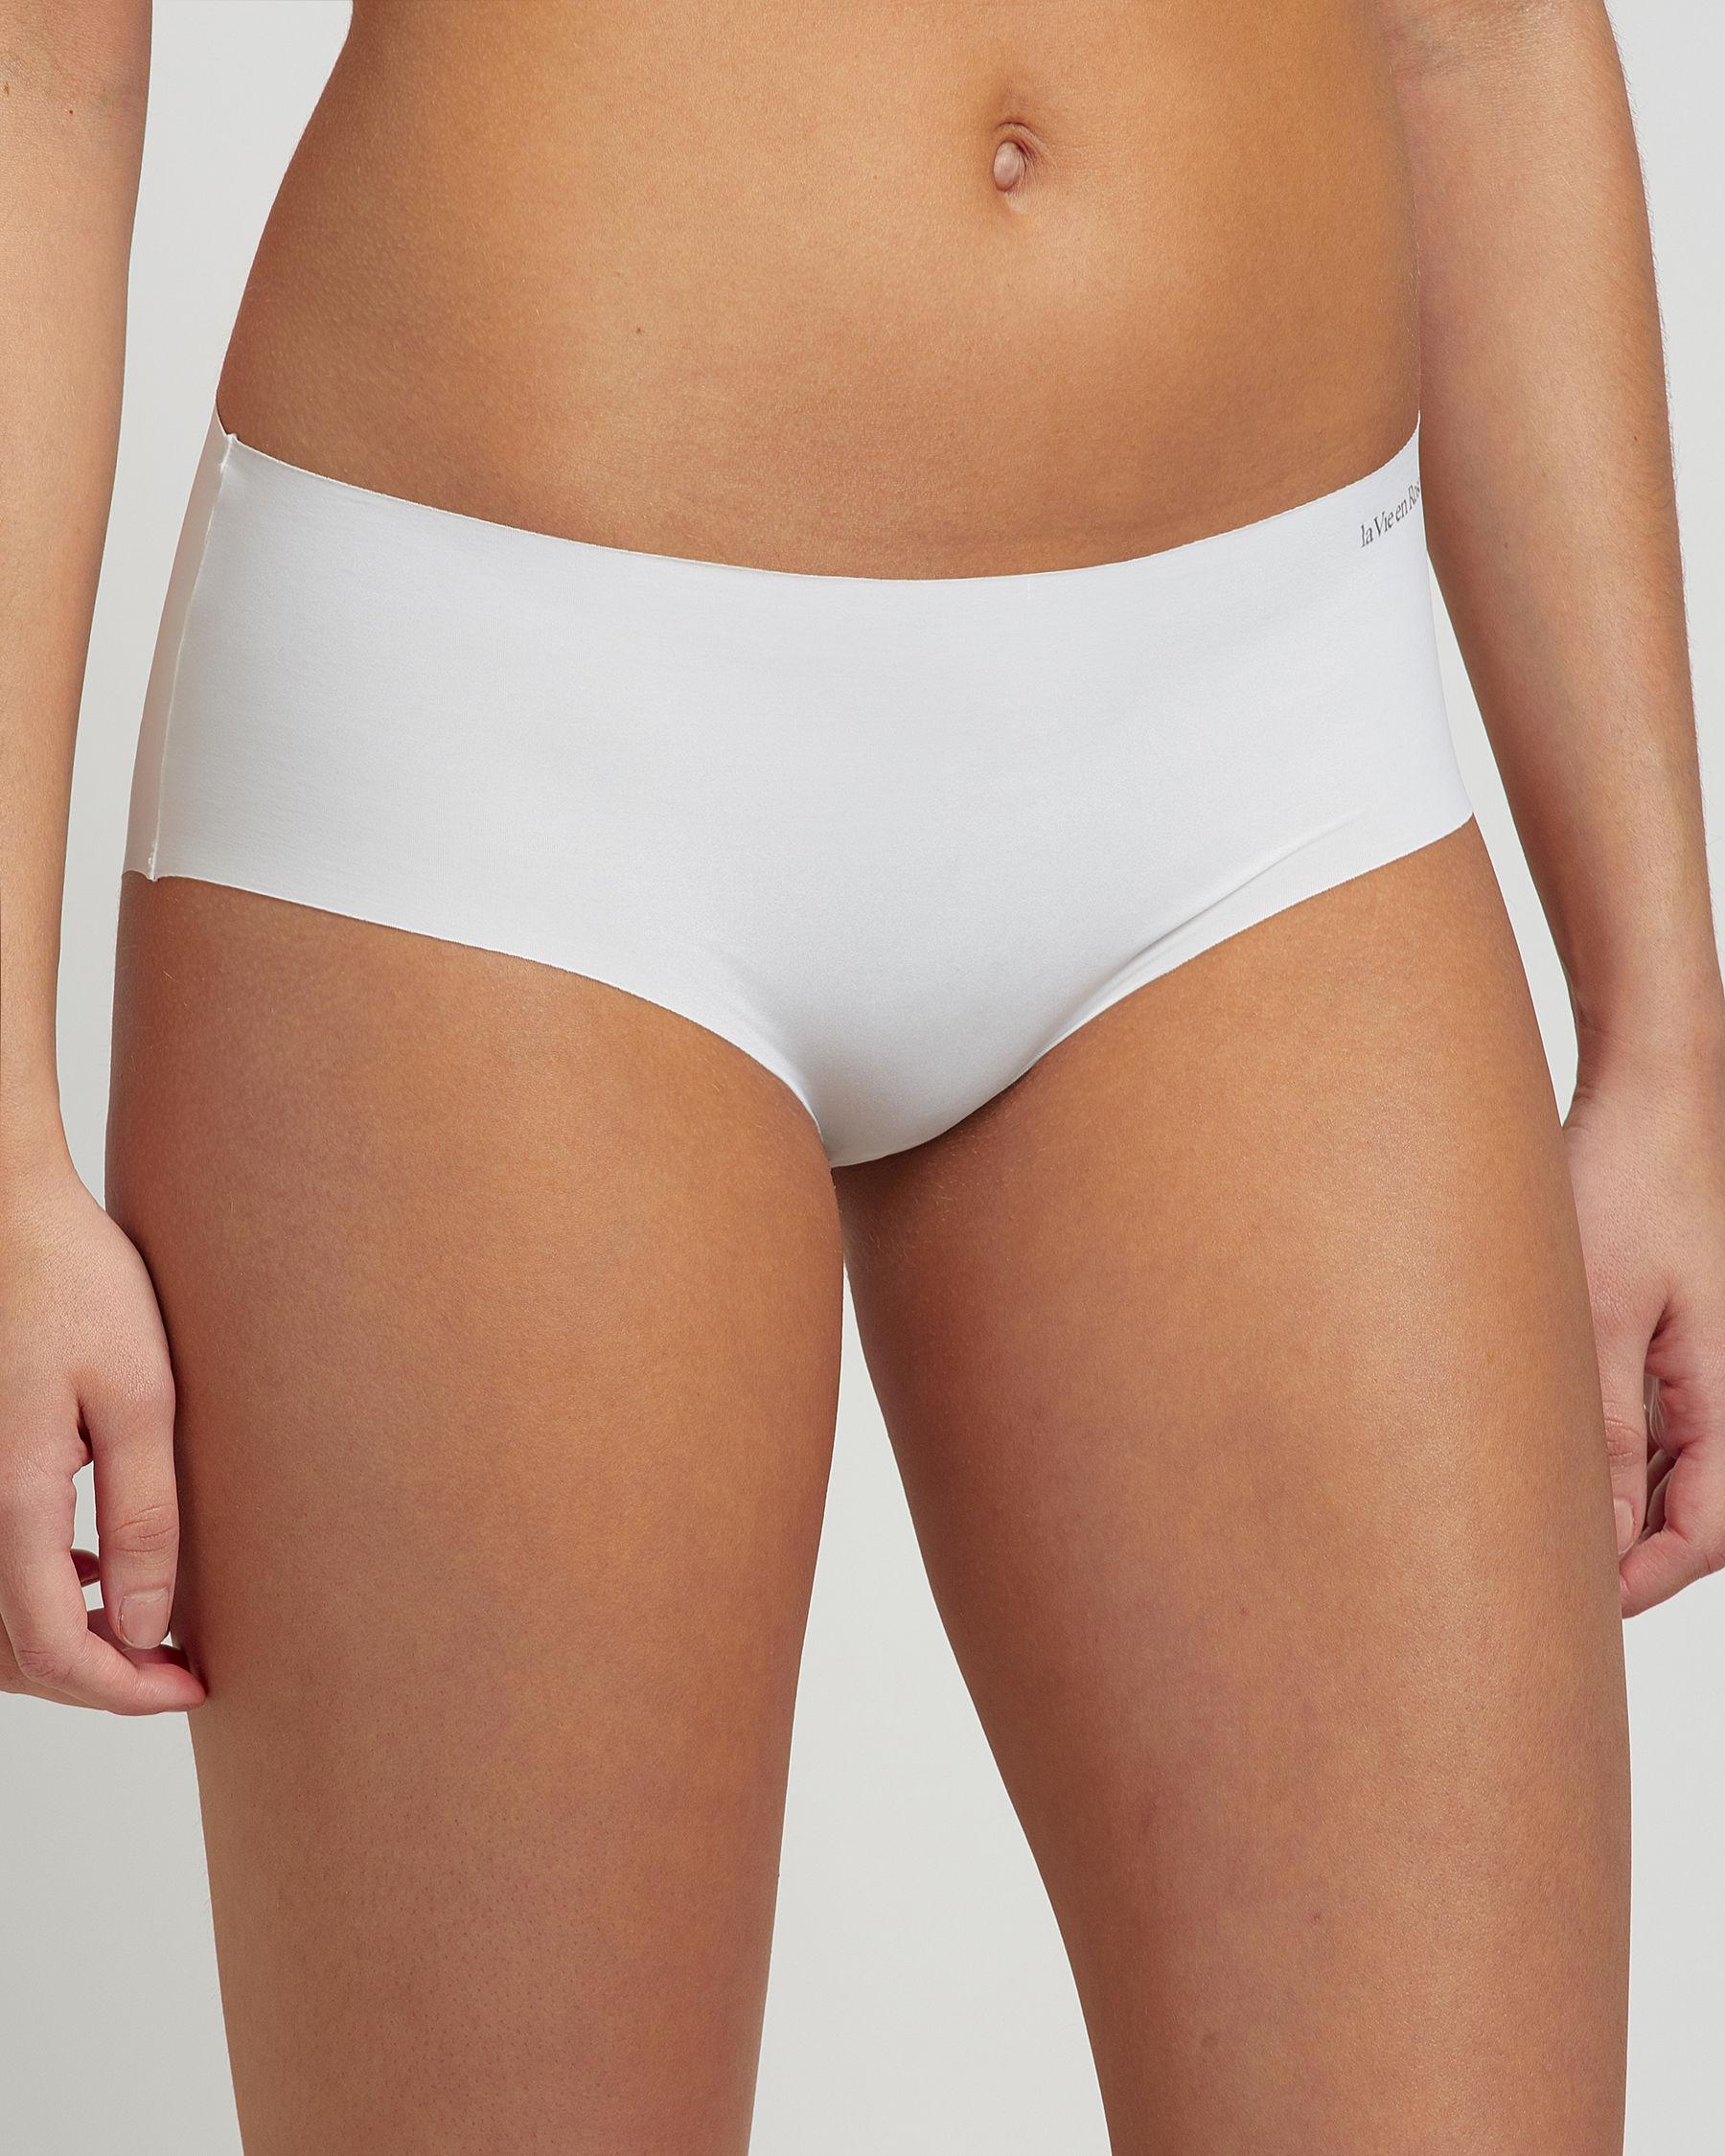 LA VIE EN ROSE Hiphugger Panty White 619-223-1-00 - View1